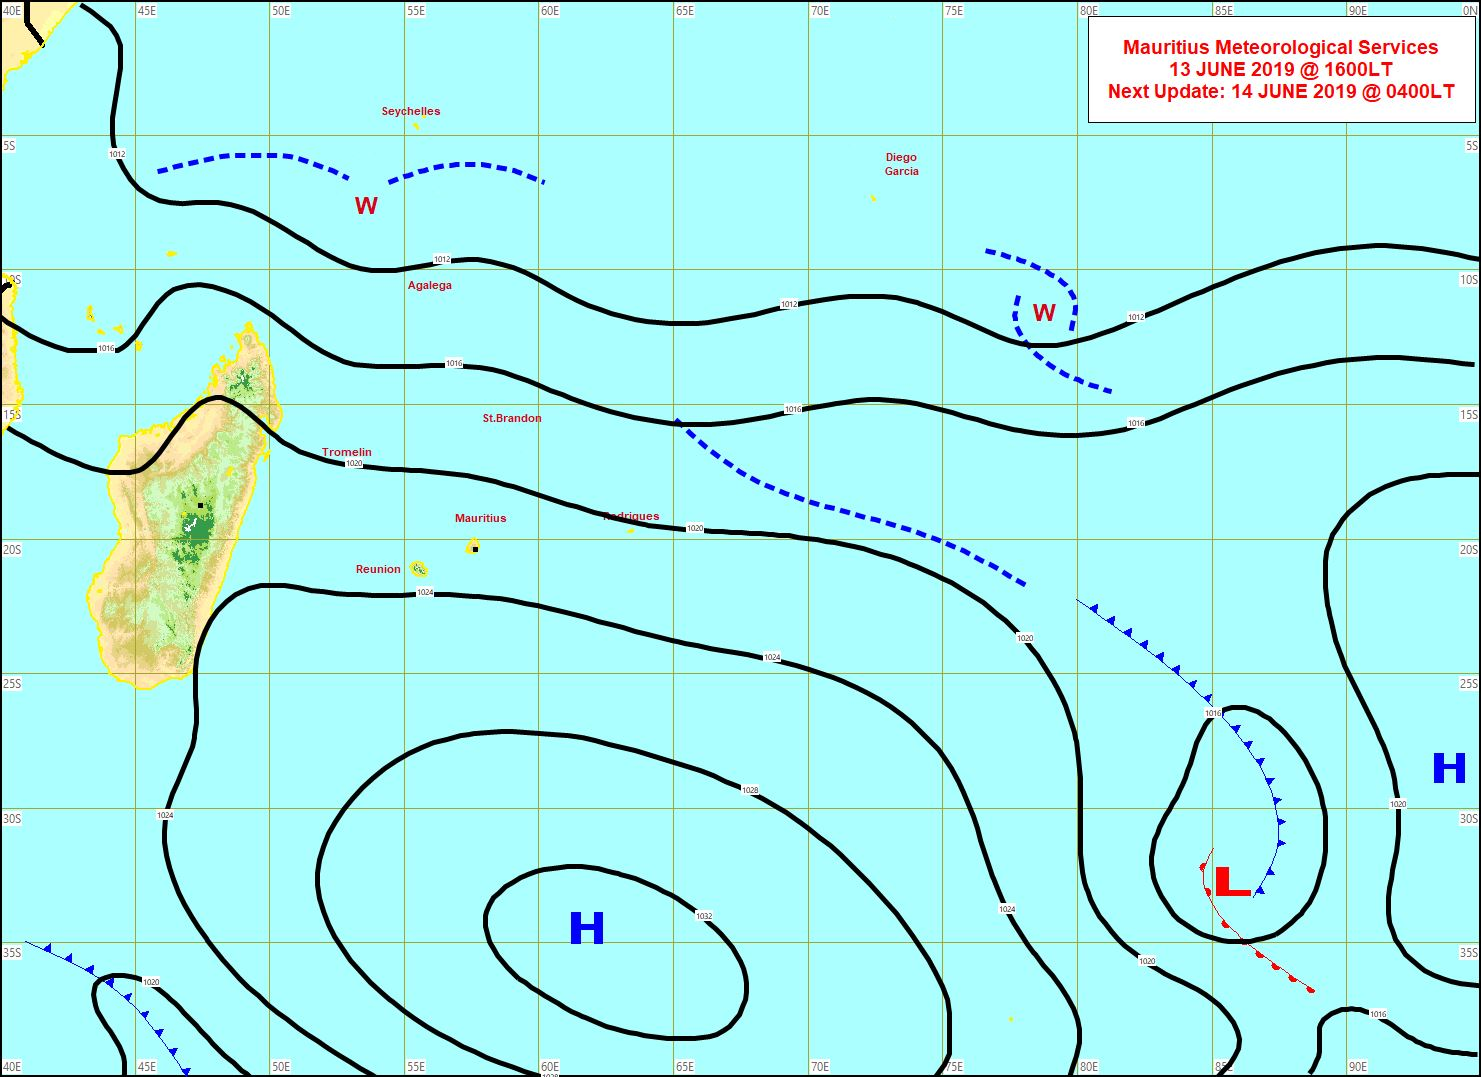 Analyse de la situation de surface à 16heures. L'anticyclone(H) commence à s'éloigner et les alizés faiblissent. MMS